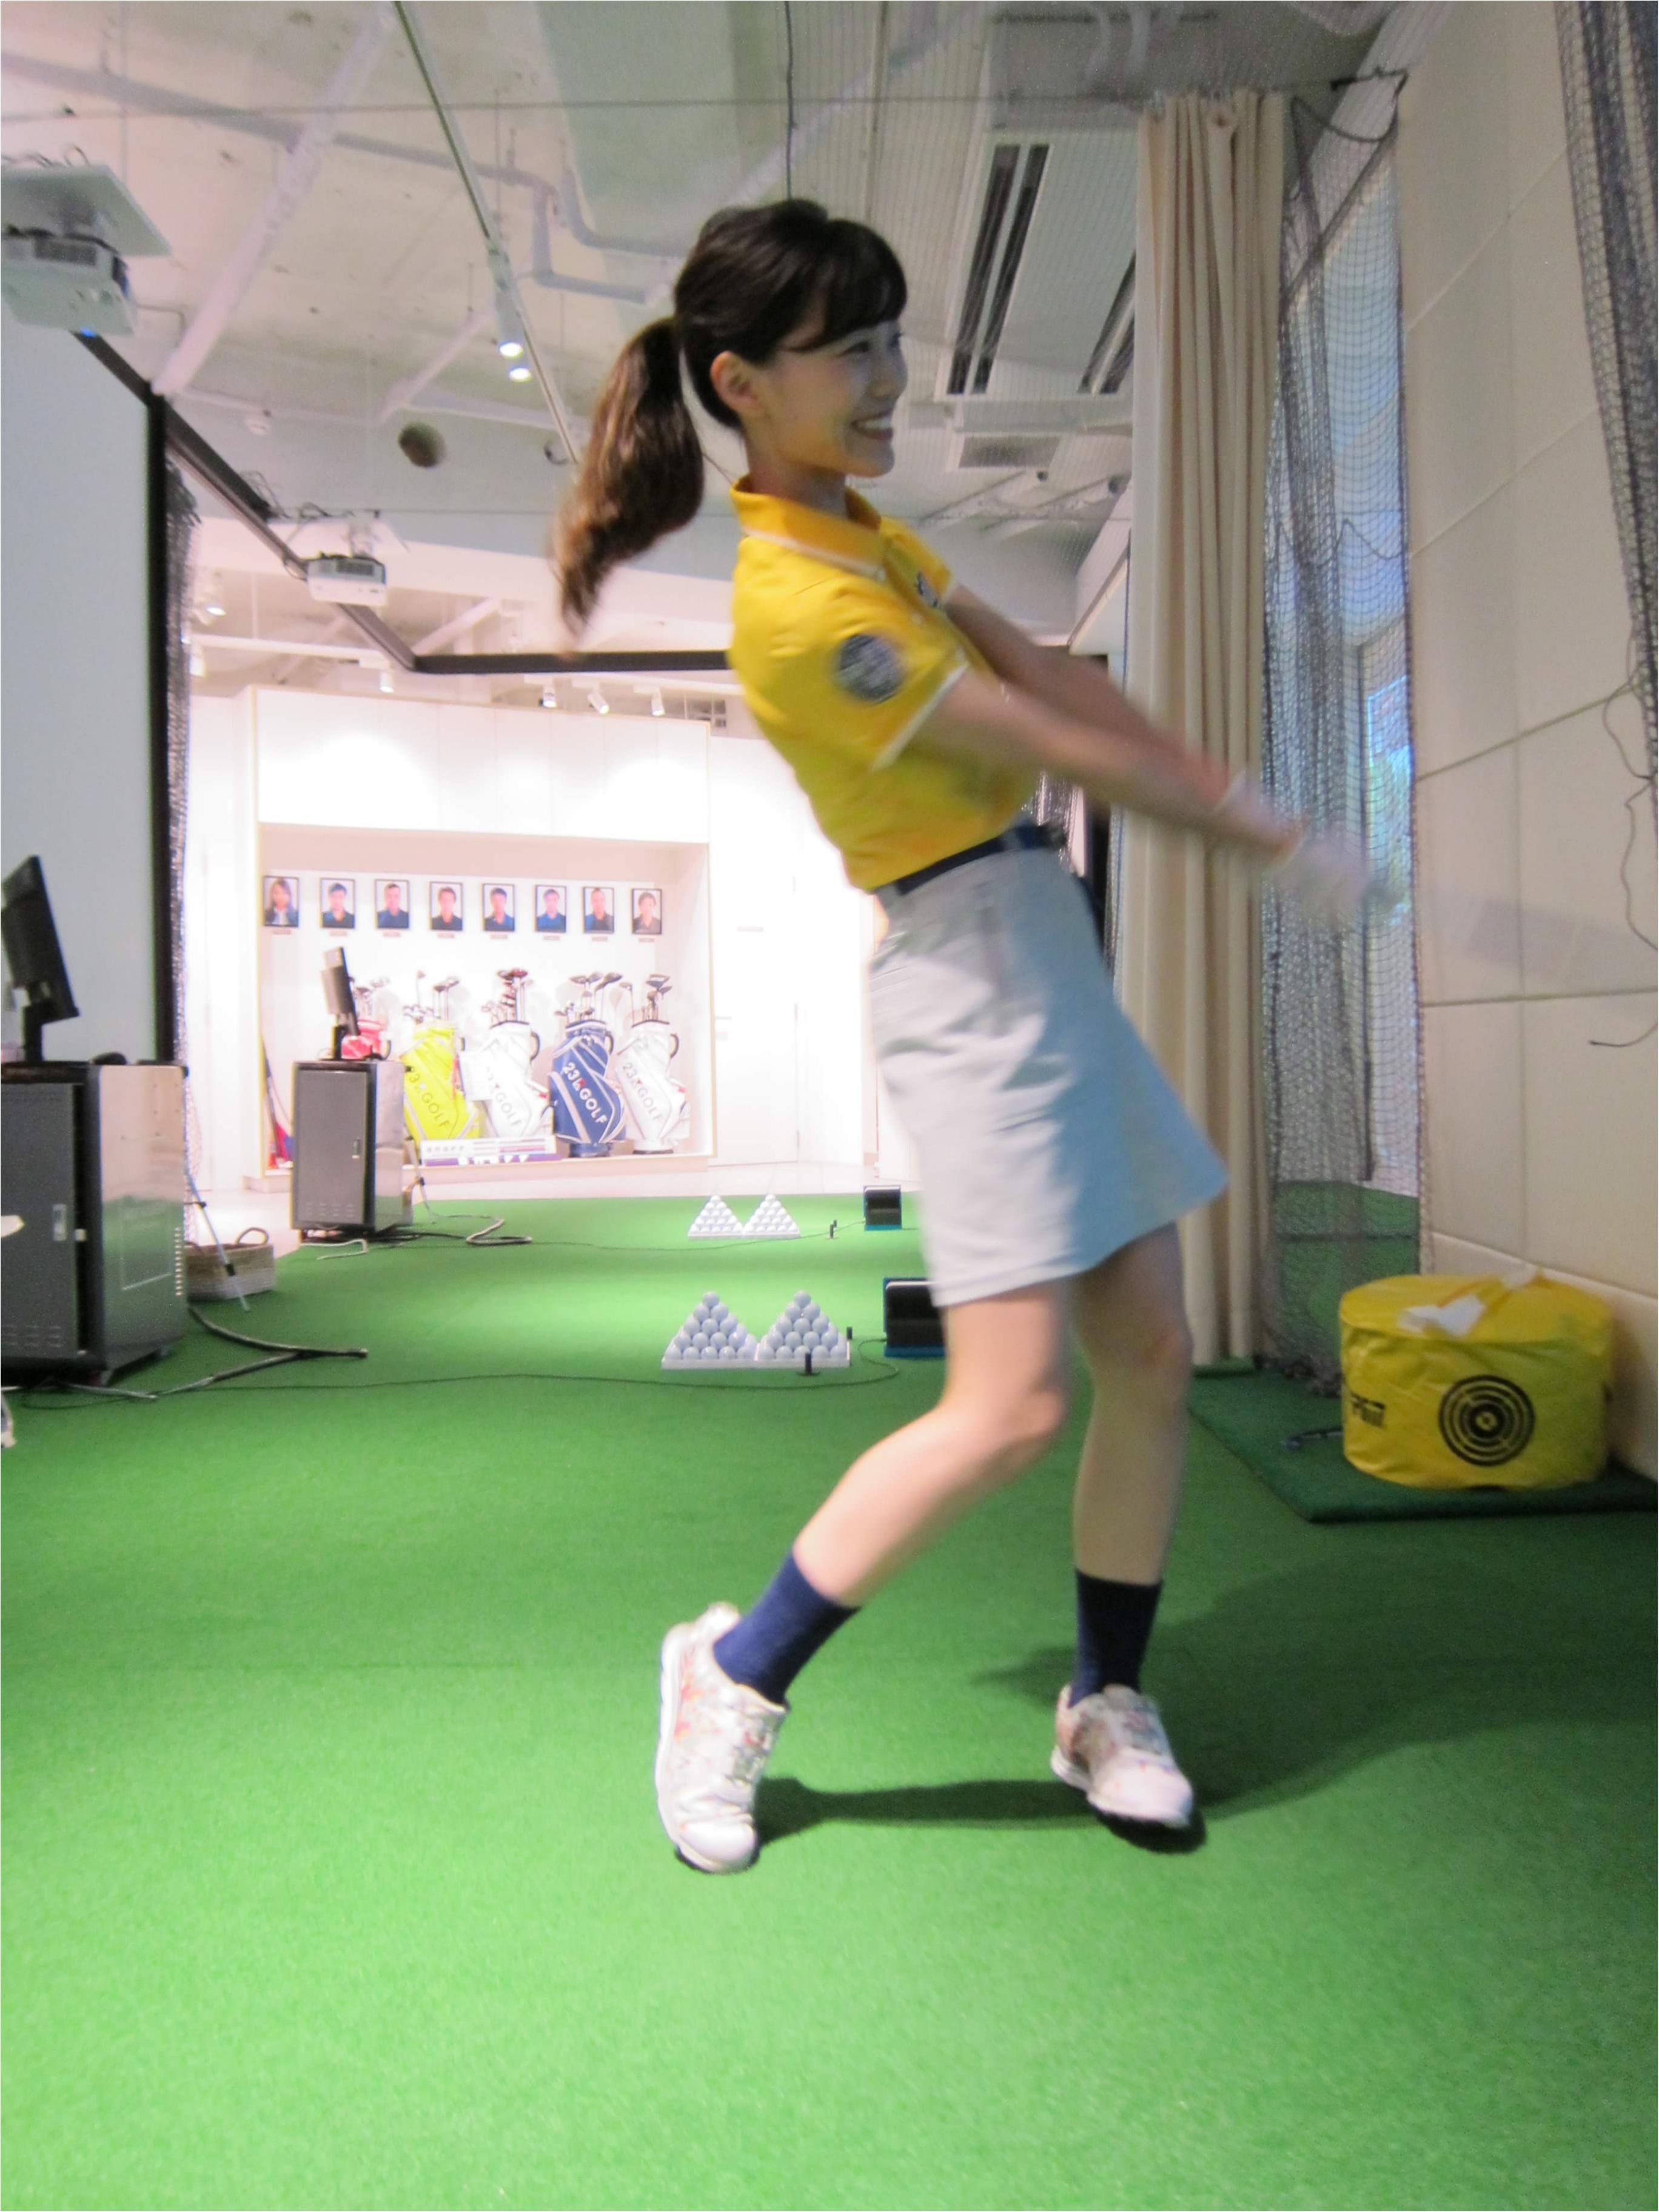 【ゴルフレッスン*onward golf academy@二子玉川】改めてレッスンに行っています!_5